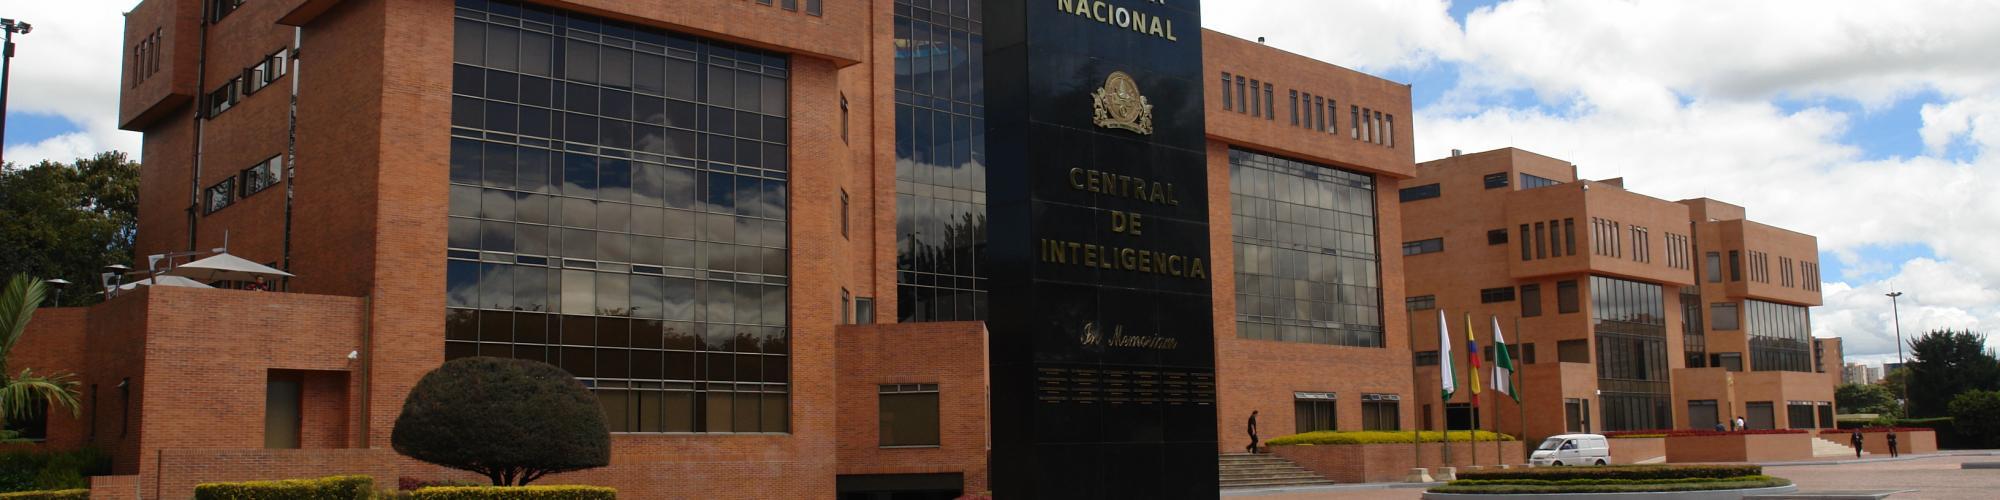 Inteligencia de la Policía Nacional